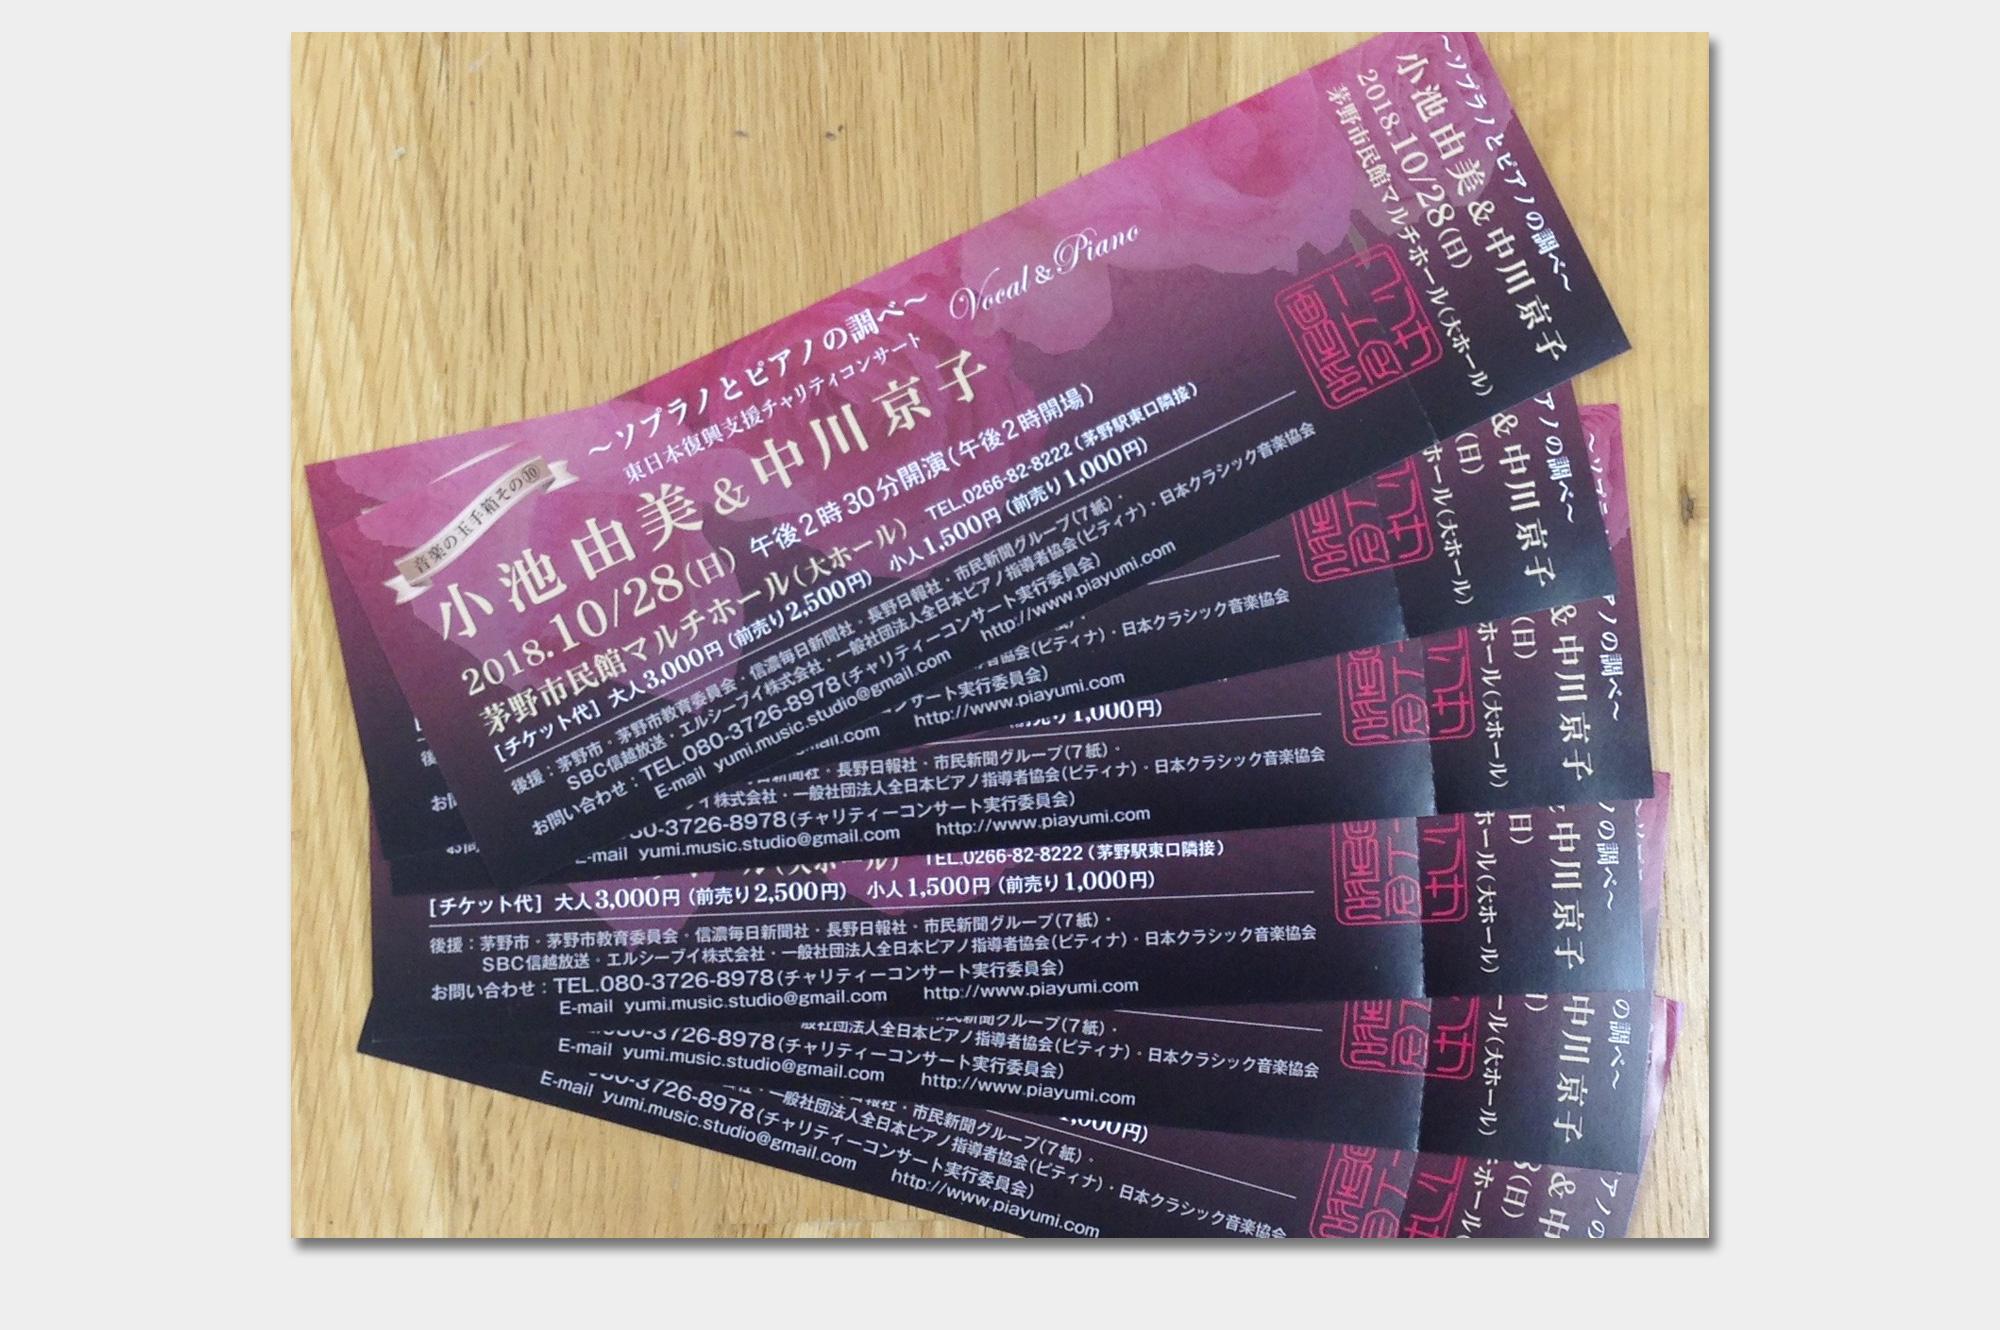 コンサートチケット(YUMI MUSIC STUDIO様)